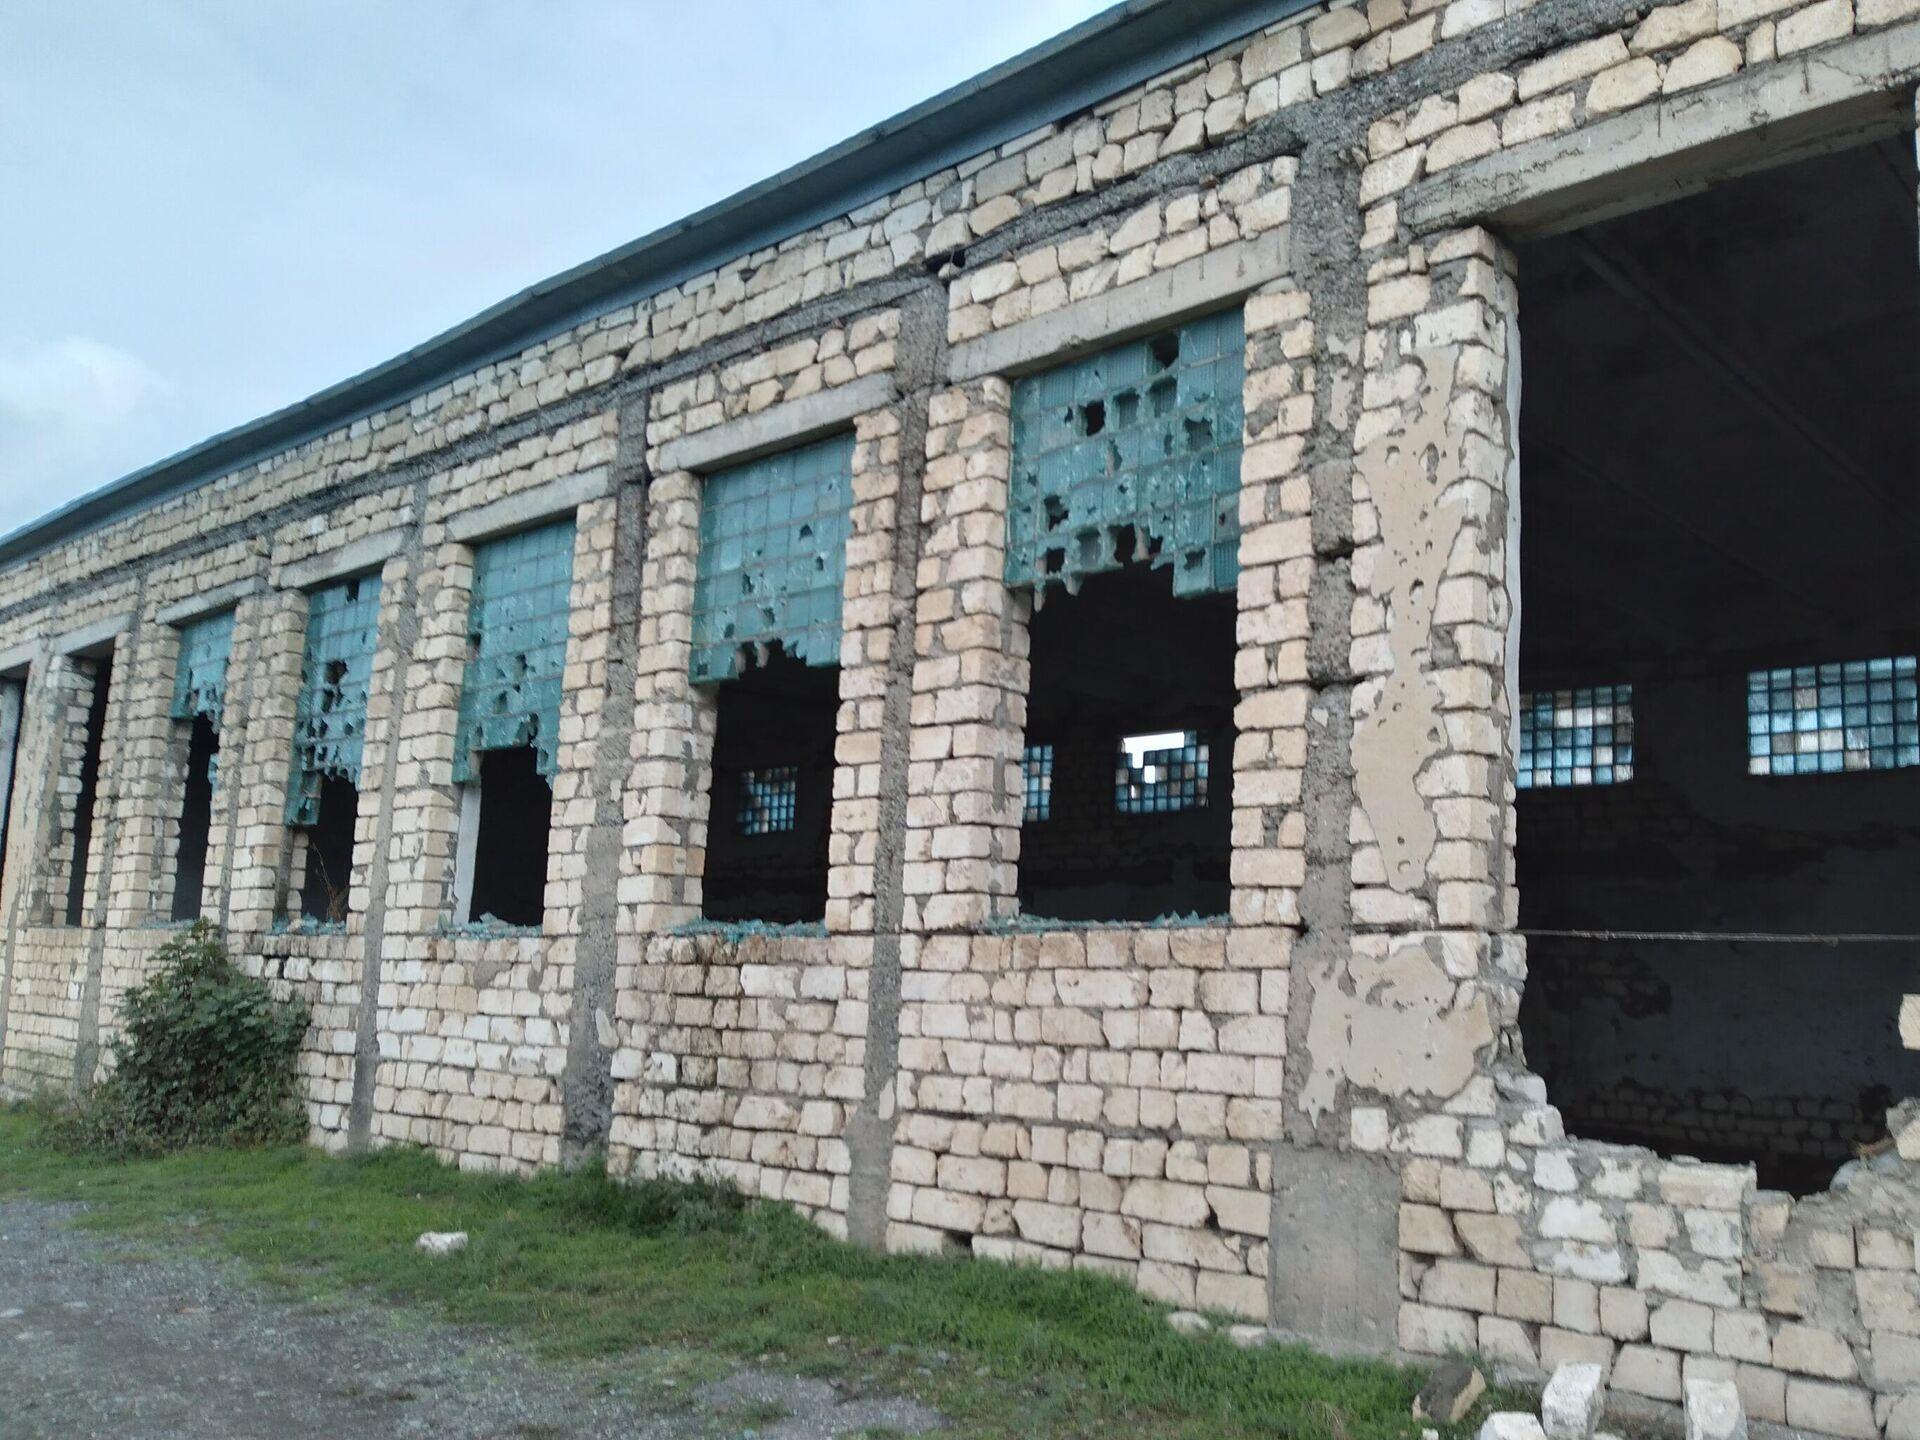 Bərdənin Mehdili kəndində dağılmış məktəbin ərazisində - Sputnik Azərbaycan, 1920, 07.10.2021